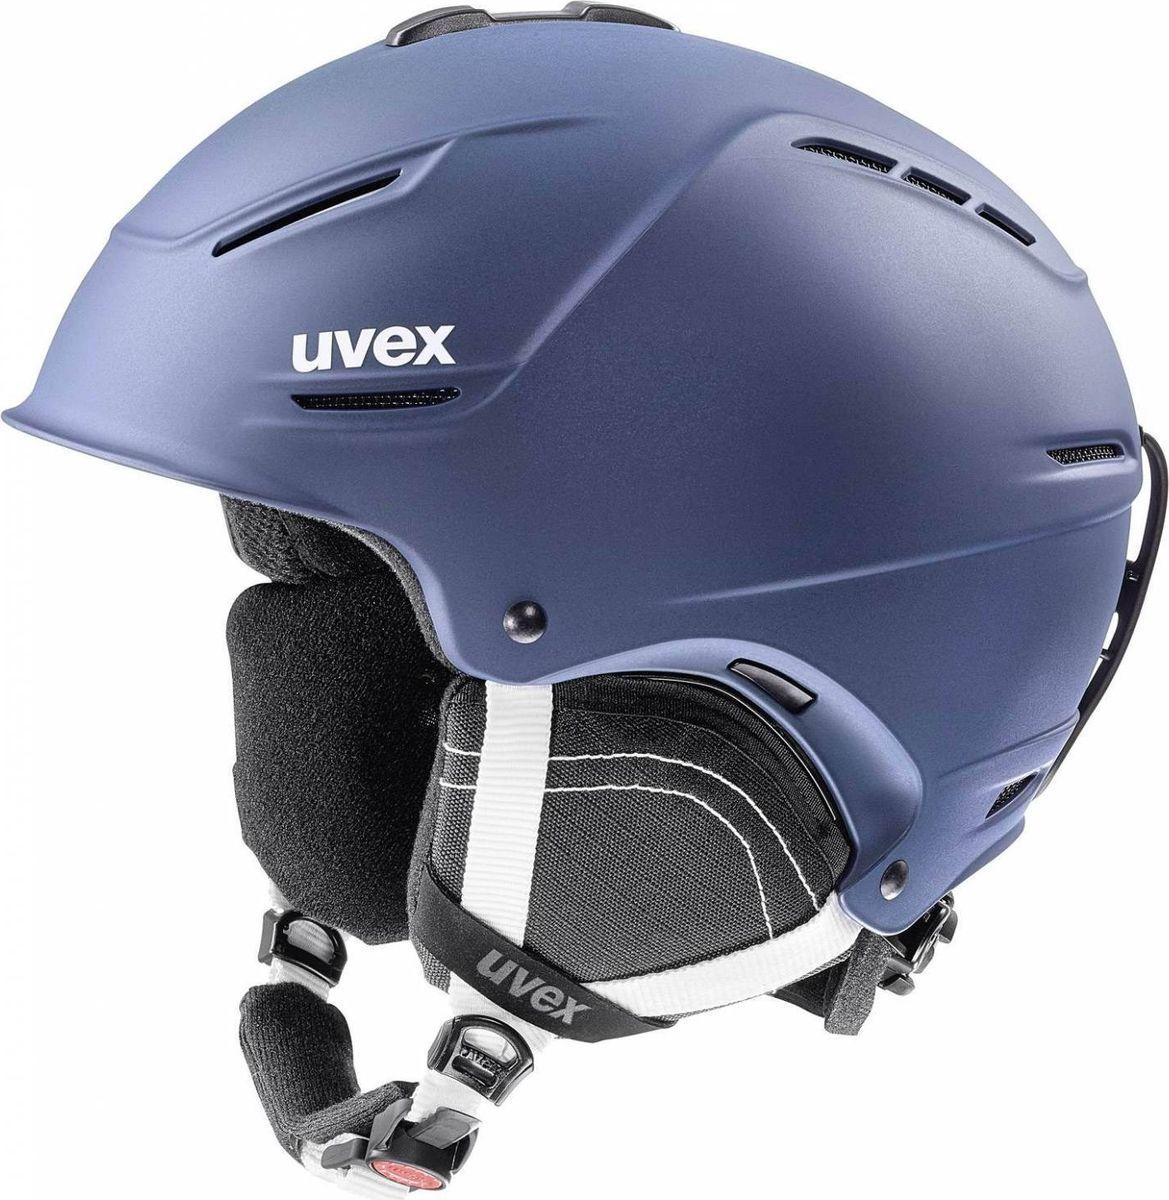 Шлем горнолыжный Uvex P1us 2.0 Helmet, цвет: синий матовый. Размер 55/596211Удобный шлем от Uvex с конструкцией +technology обеспечит безопасность на склоне. В модели предусмотрена съемная защита ушей с технологией Natural Sound, которая не искажает звуки. Гипоаллергенная подкладка и регулируемая вентиляция гарантируют комфорт во время катания. Фиксатор стрэпа маски и застежка monomatiс, которую легко отрегулировать одной рукой, служат для удобства использования. Система IAS для индивидуальной подгонки по размеру. Сделано в Германии.